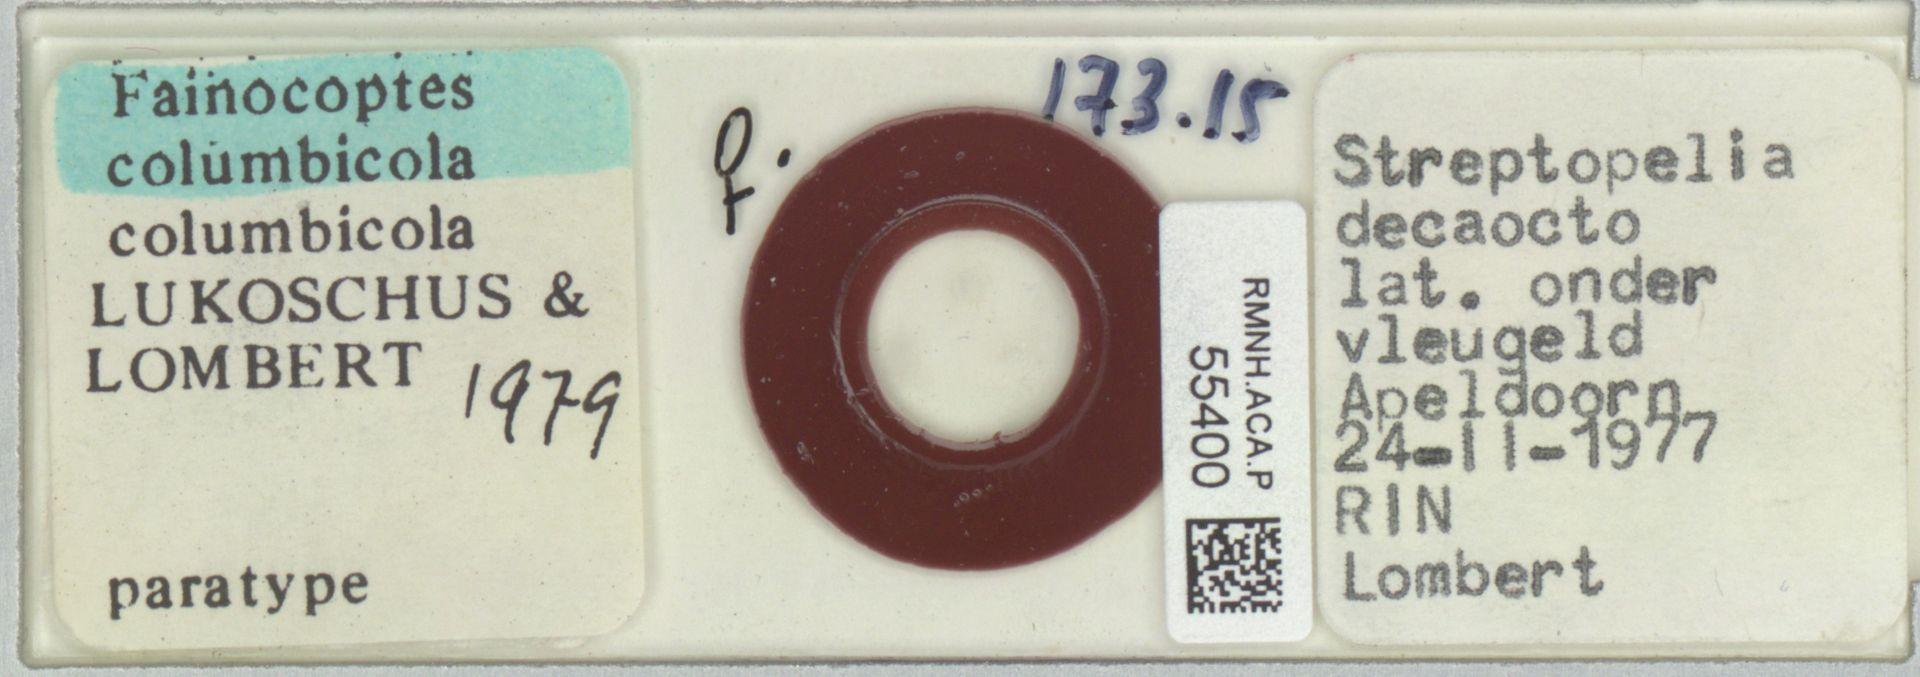 RMNH.ACA.P.55400 | Fainocoptes colombicola colombicola Lukoschus & Lombert 1979